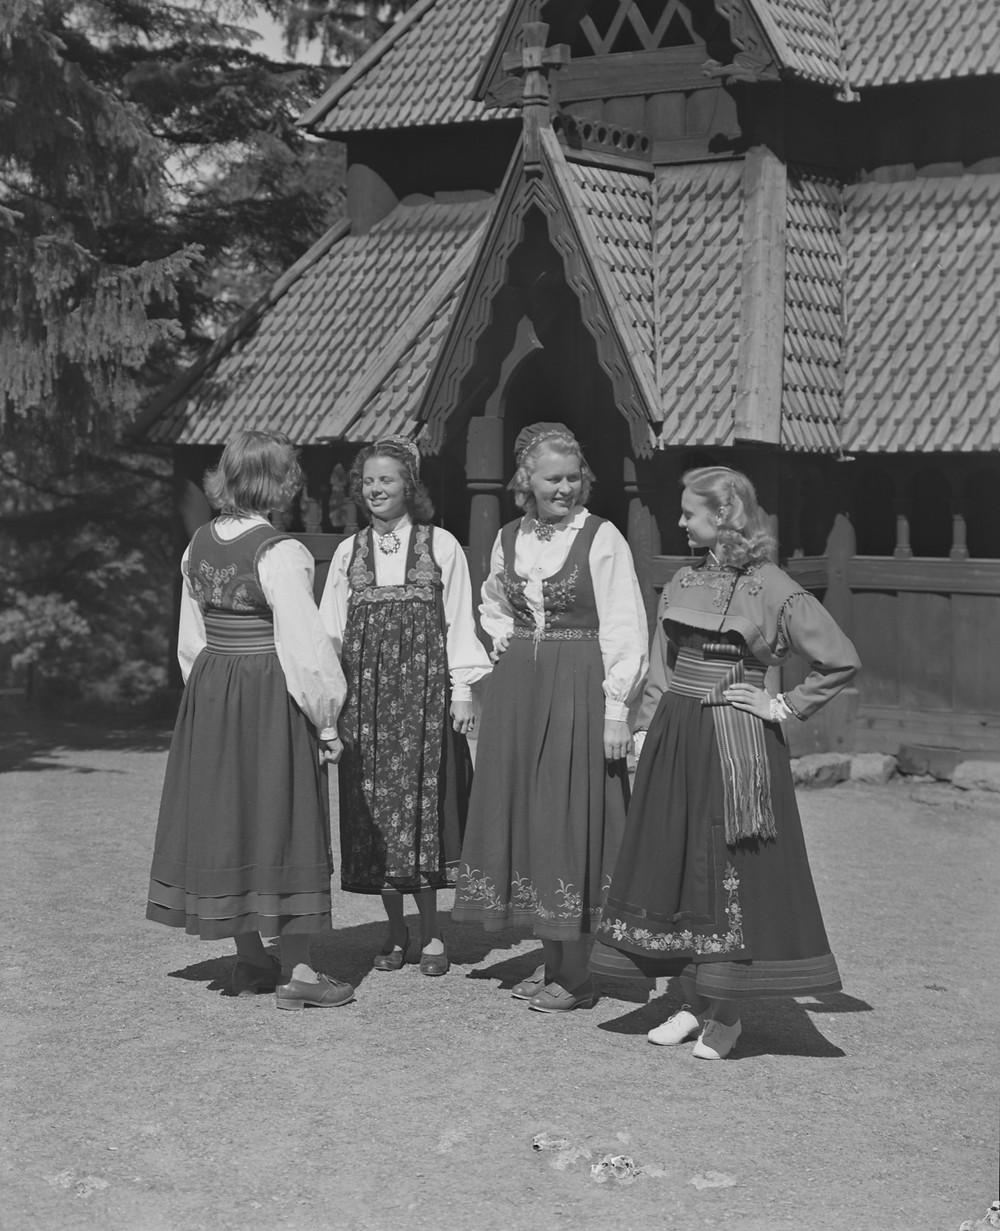 Jenter i bunad utenfor Gol stavkirke, Norsk Folkemusuem